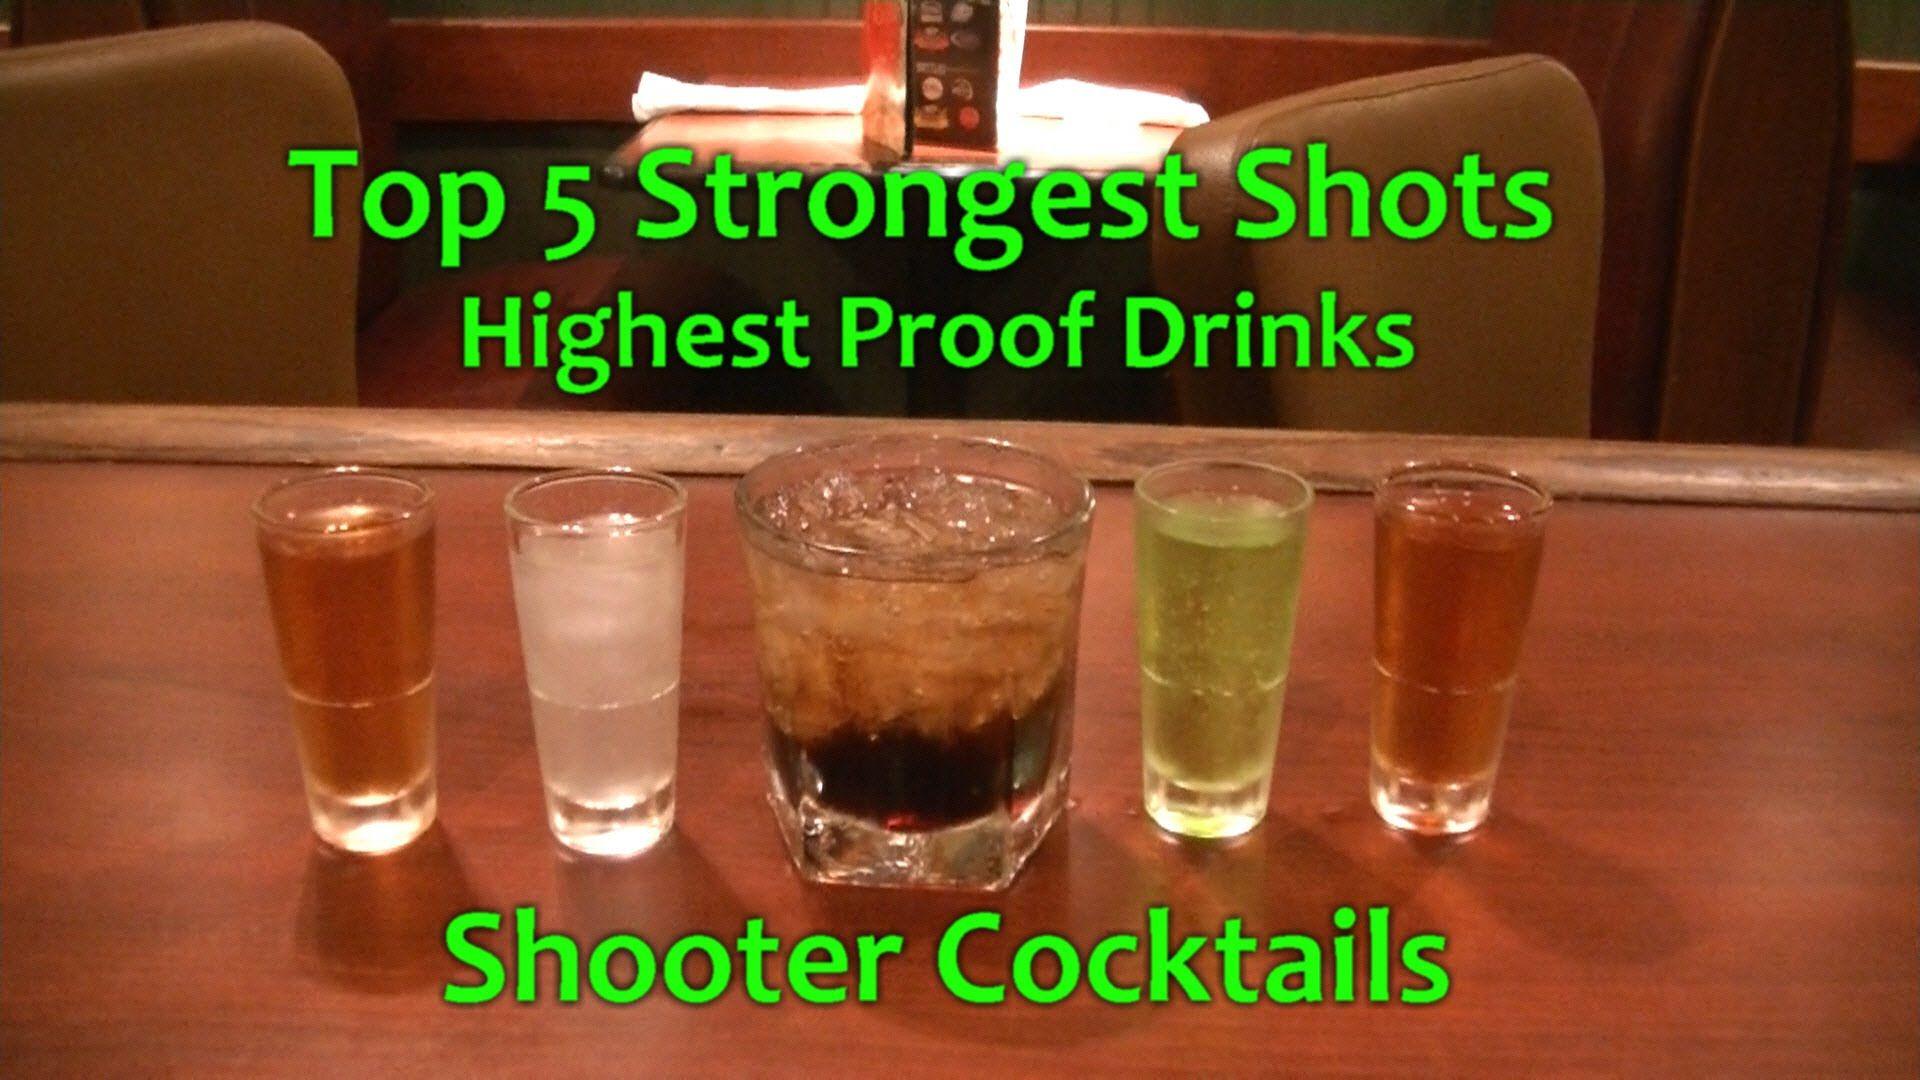 Top 5 Strongest Shots Shooter Cocktails Potent Shot Drinks Shot